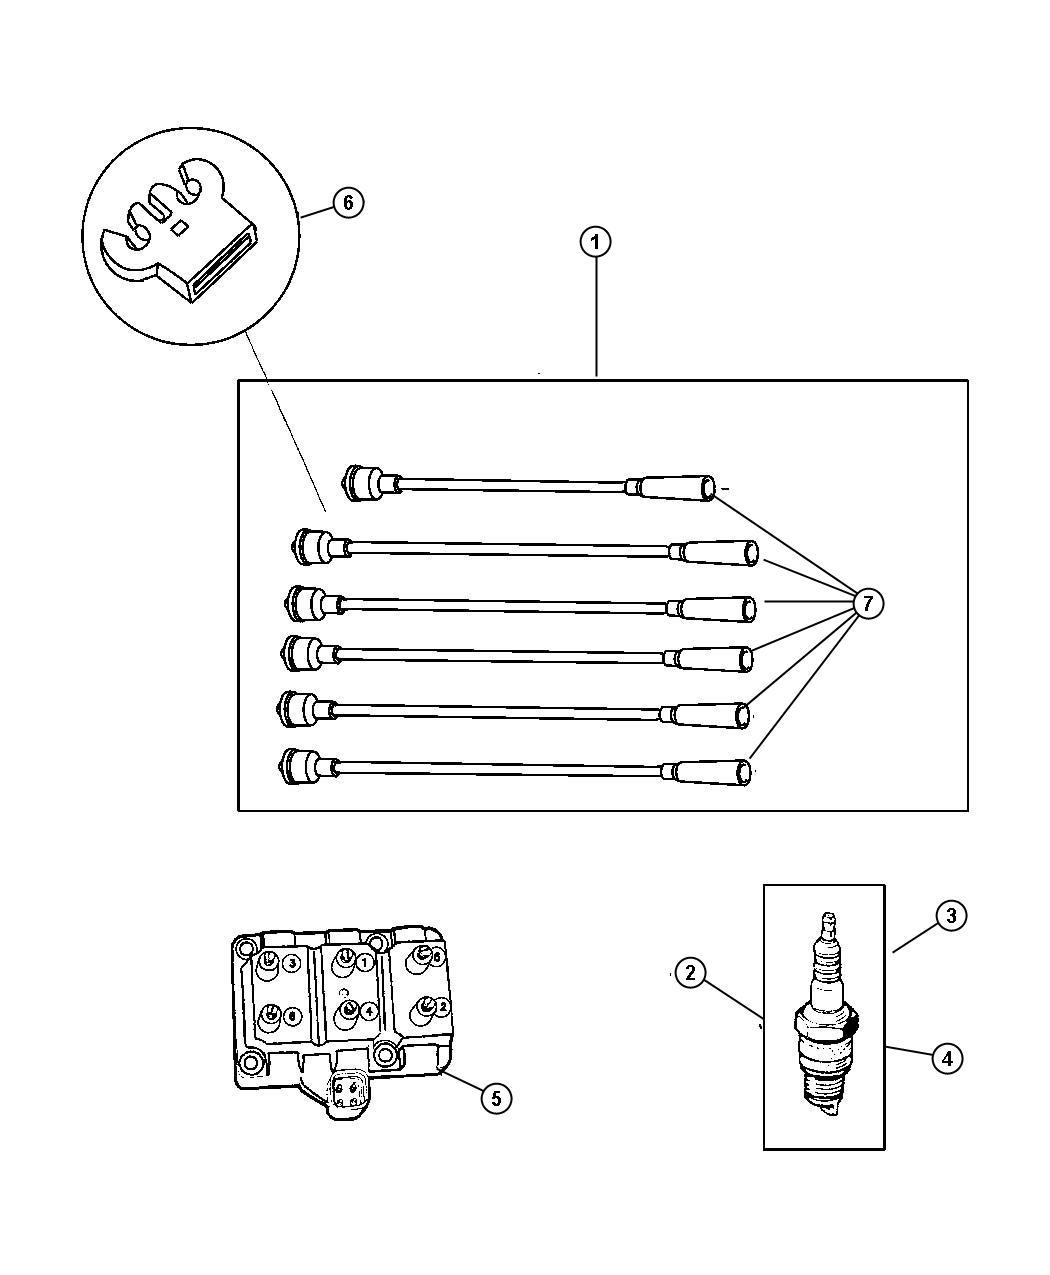 1997 chrysler voyager coil ignition 6 cylinder engine. Black Bedroom Furniture Sets. Home Design Ideas